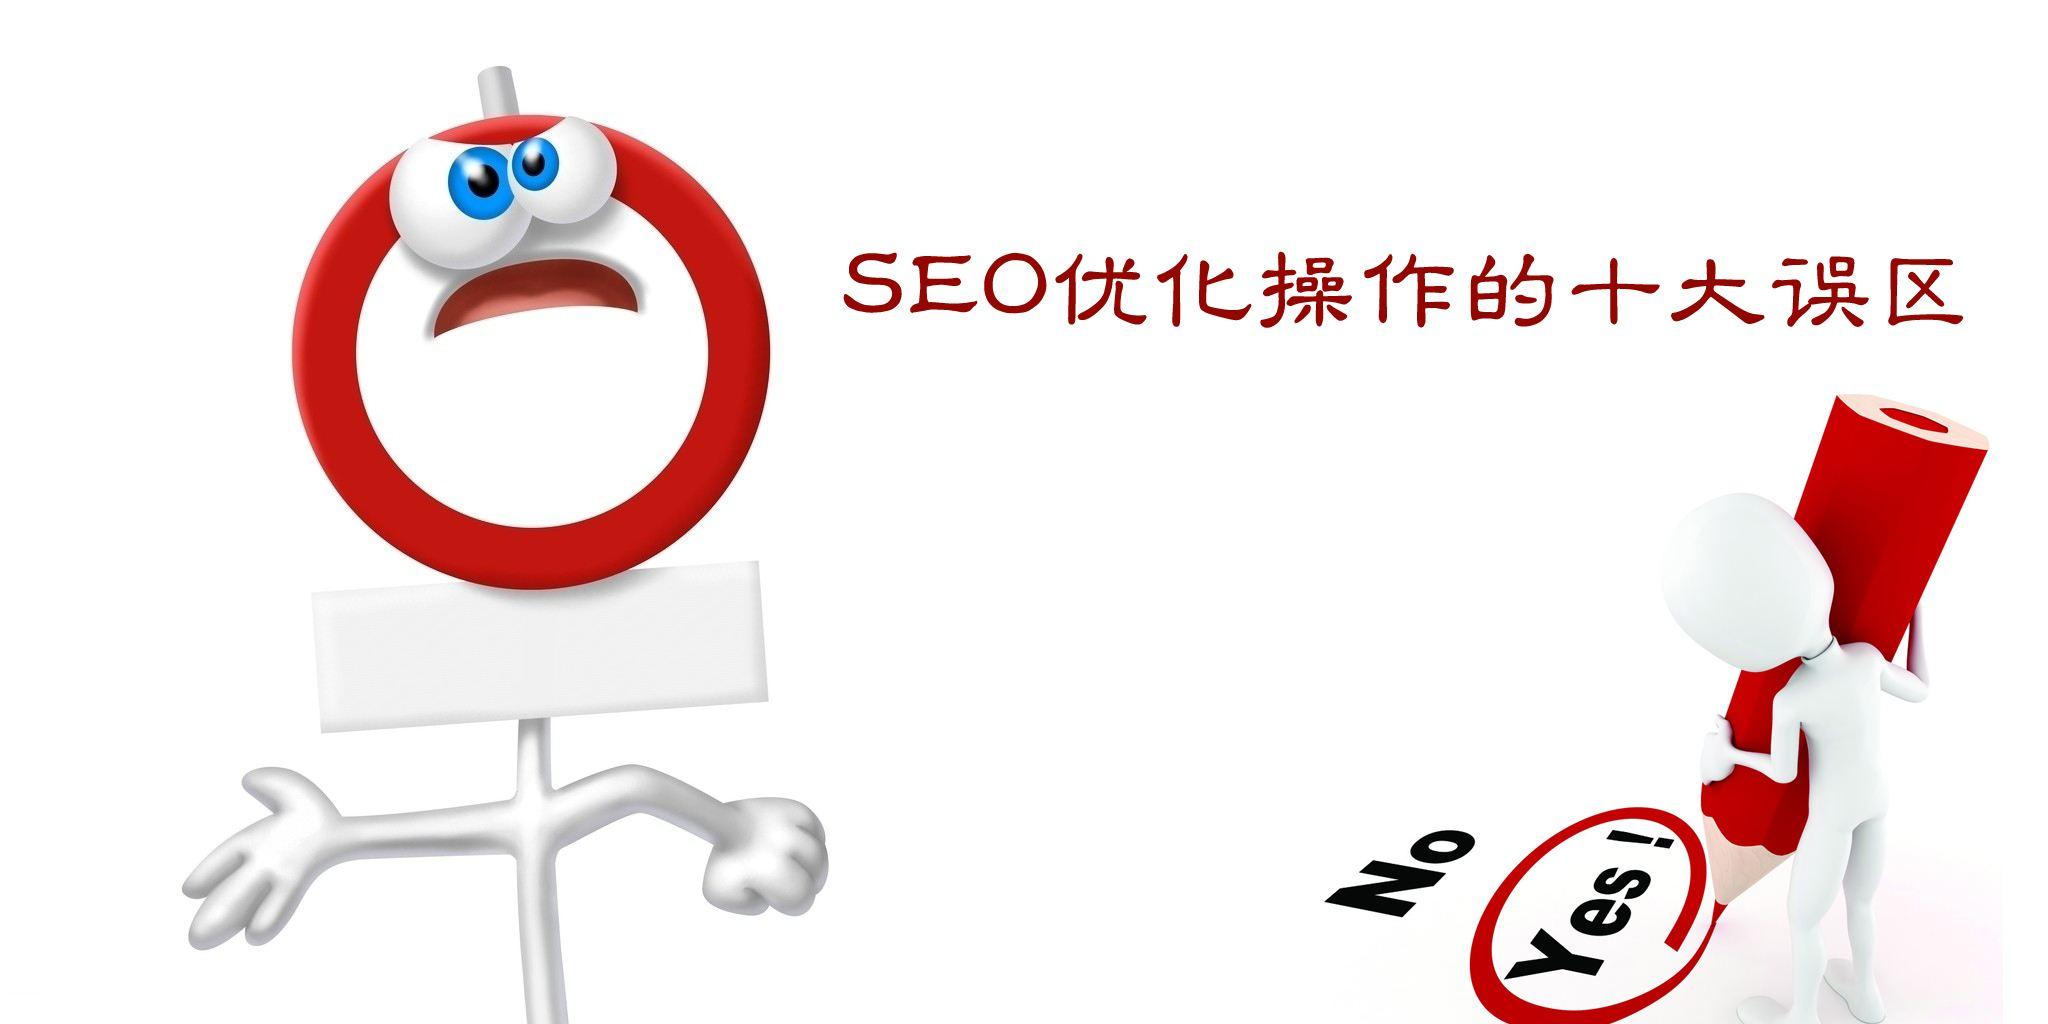 赣州云墨SEO告诉你做网站站内优化的四大技巧